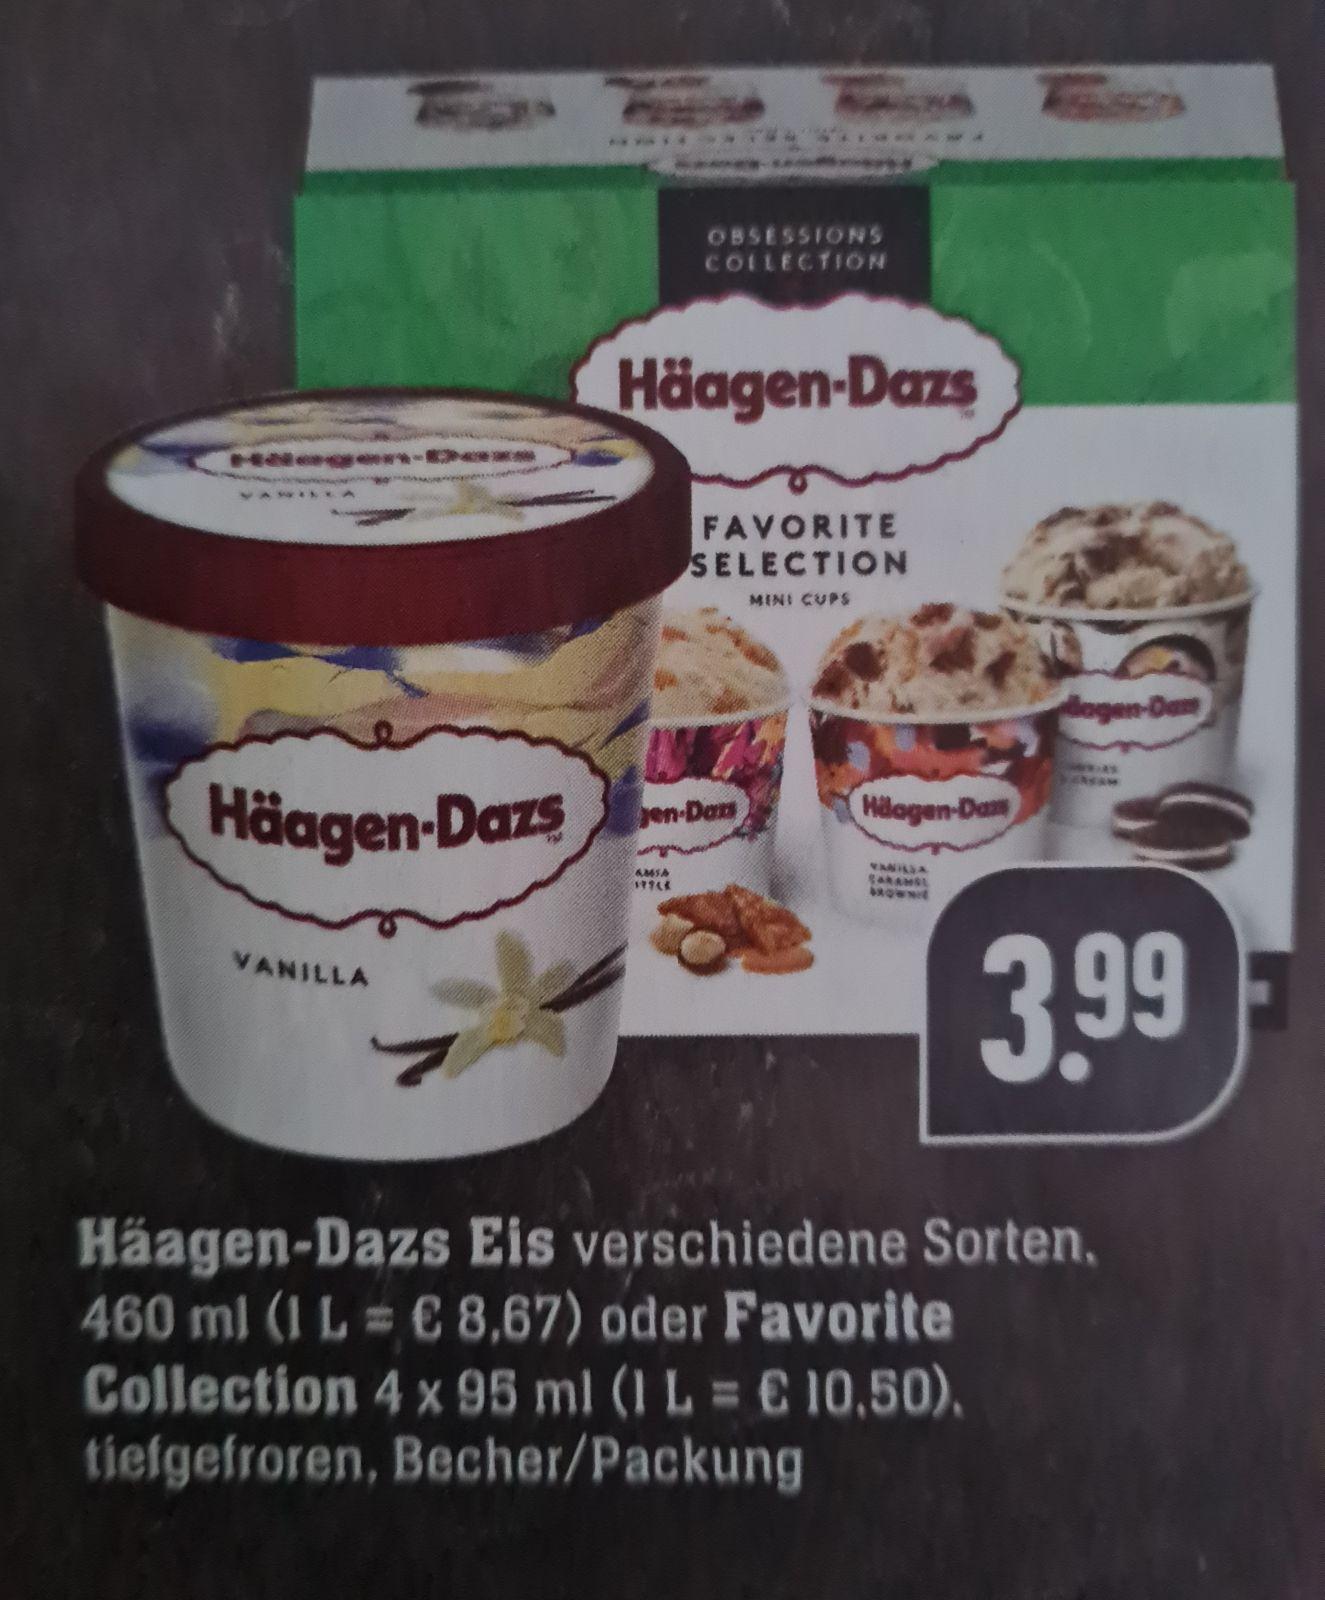 Häagen-Dazs Eis 460 ml verschiedene Sorten oder Favorite Collection 4x95 ml ab 14.06 Edeka Südwest